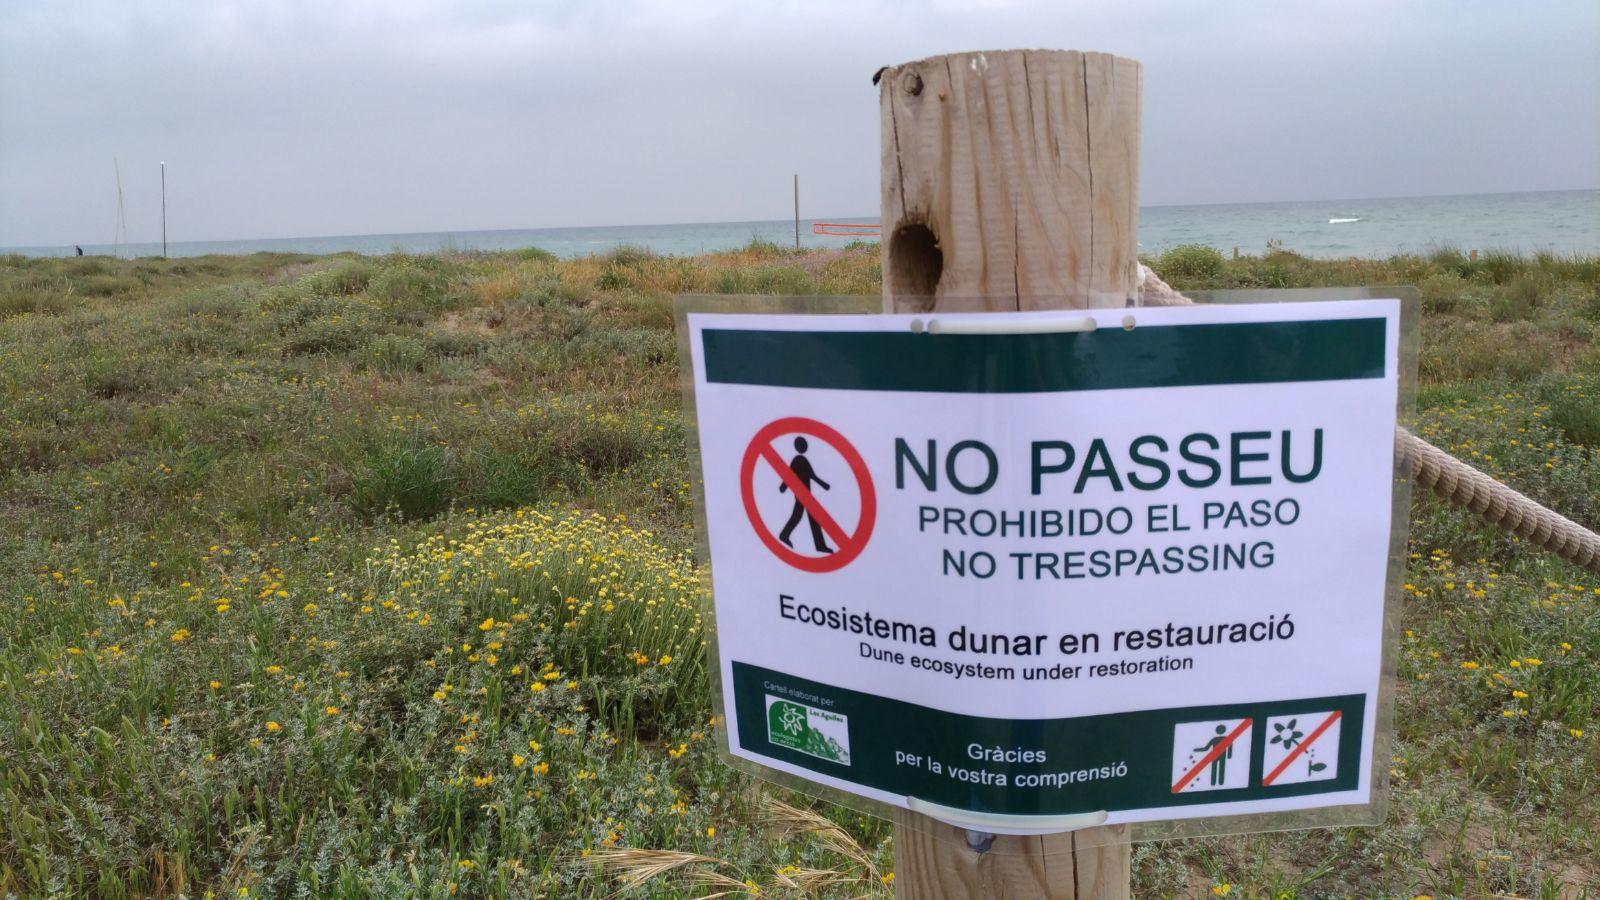 Senyalització de les dunes litorals de Gavà, on prohibeixen el pas